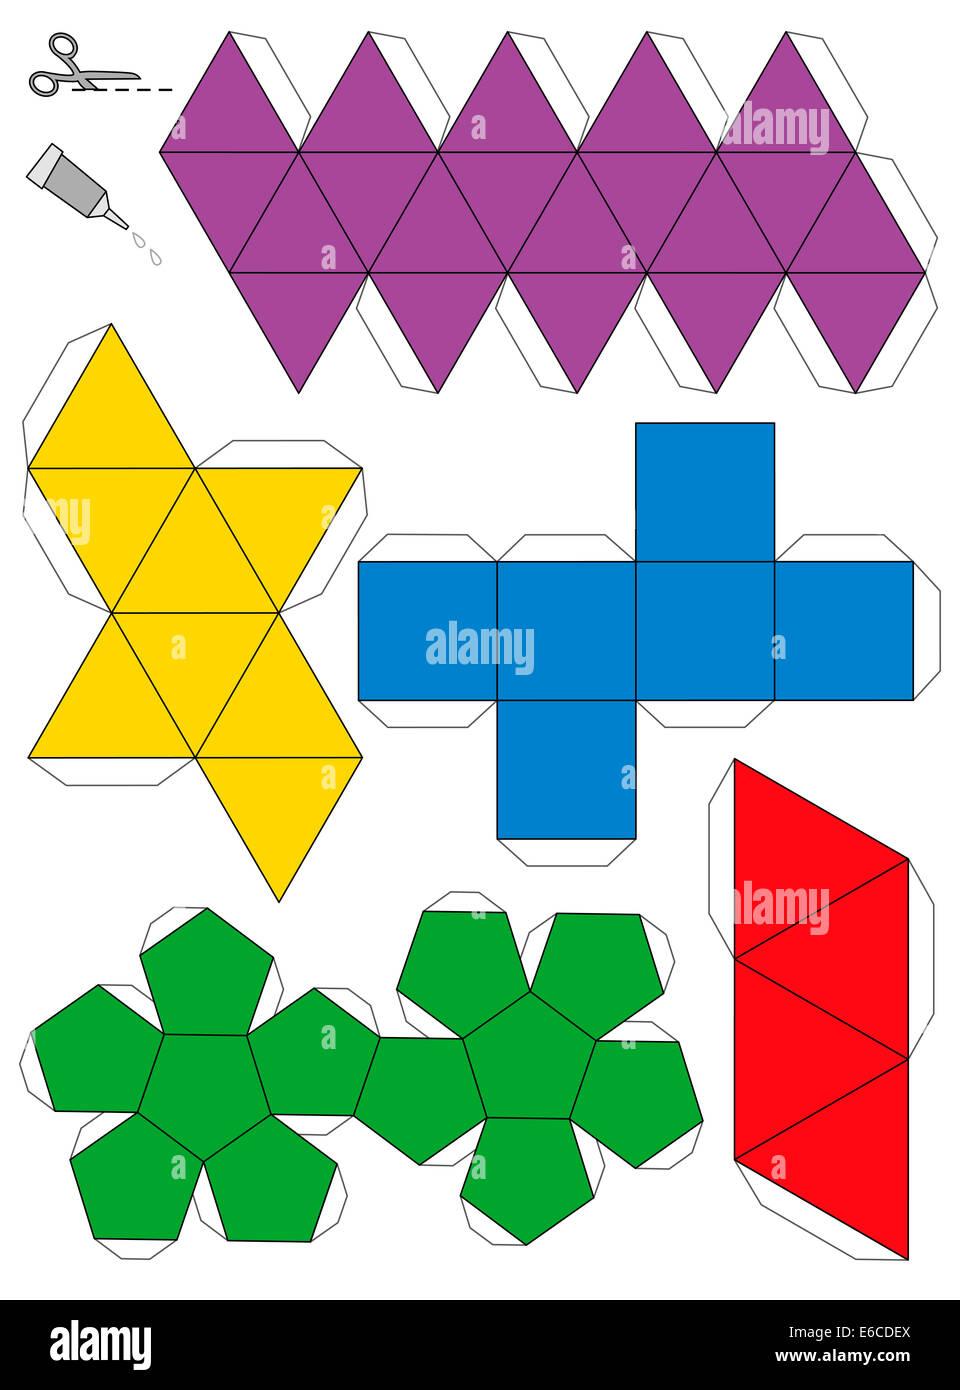 Papierschablone Modell der fünf platonischen Körper, zu einem dreidimensionalen Handwerk aus den Netzen Stockbild